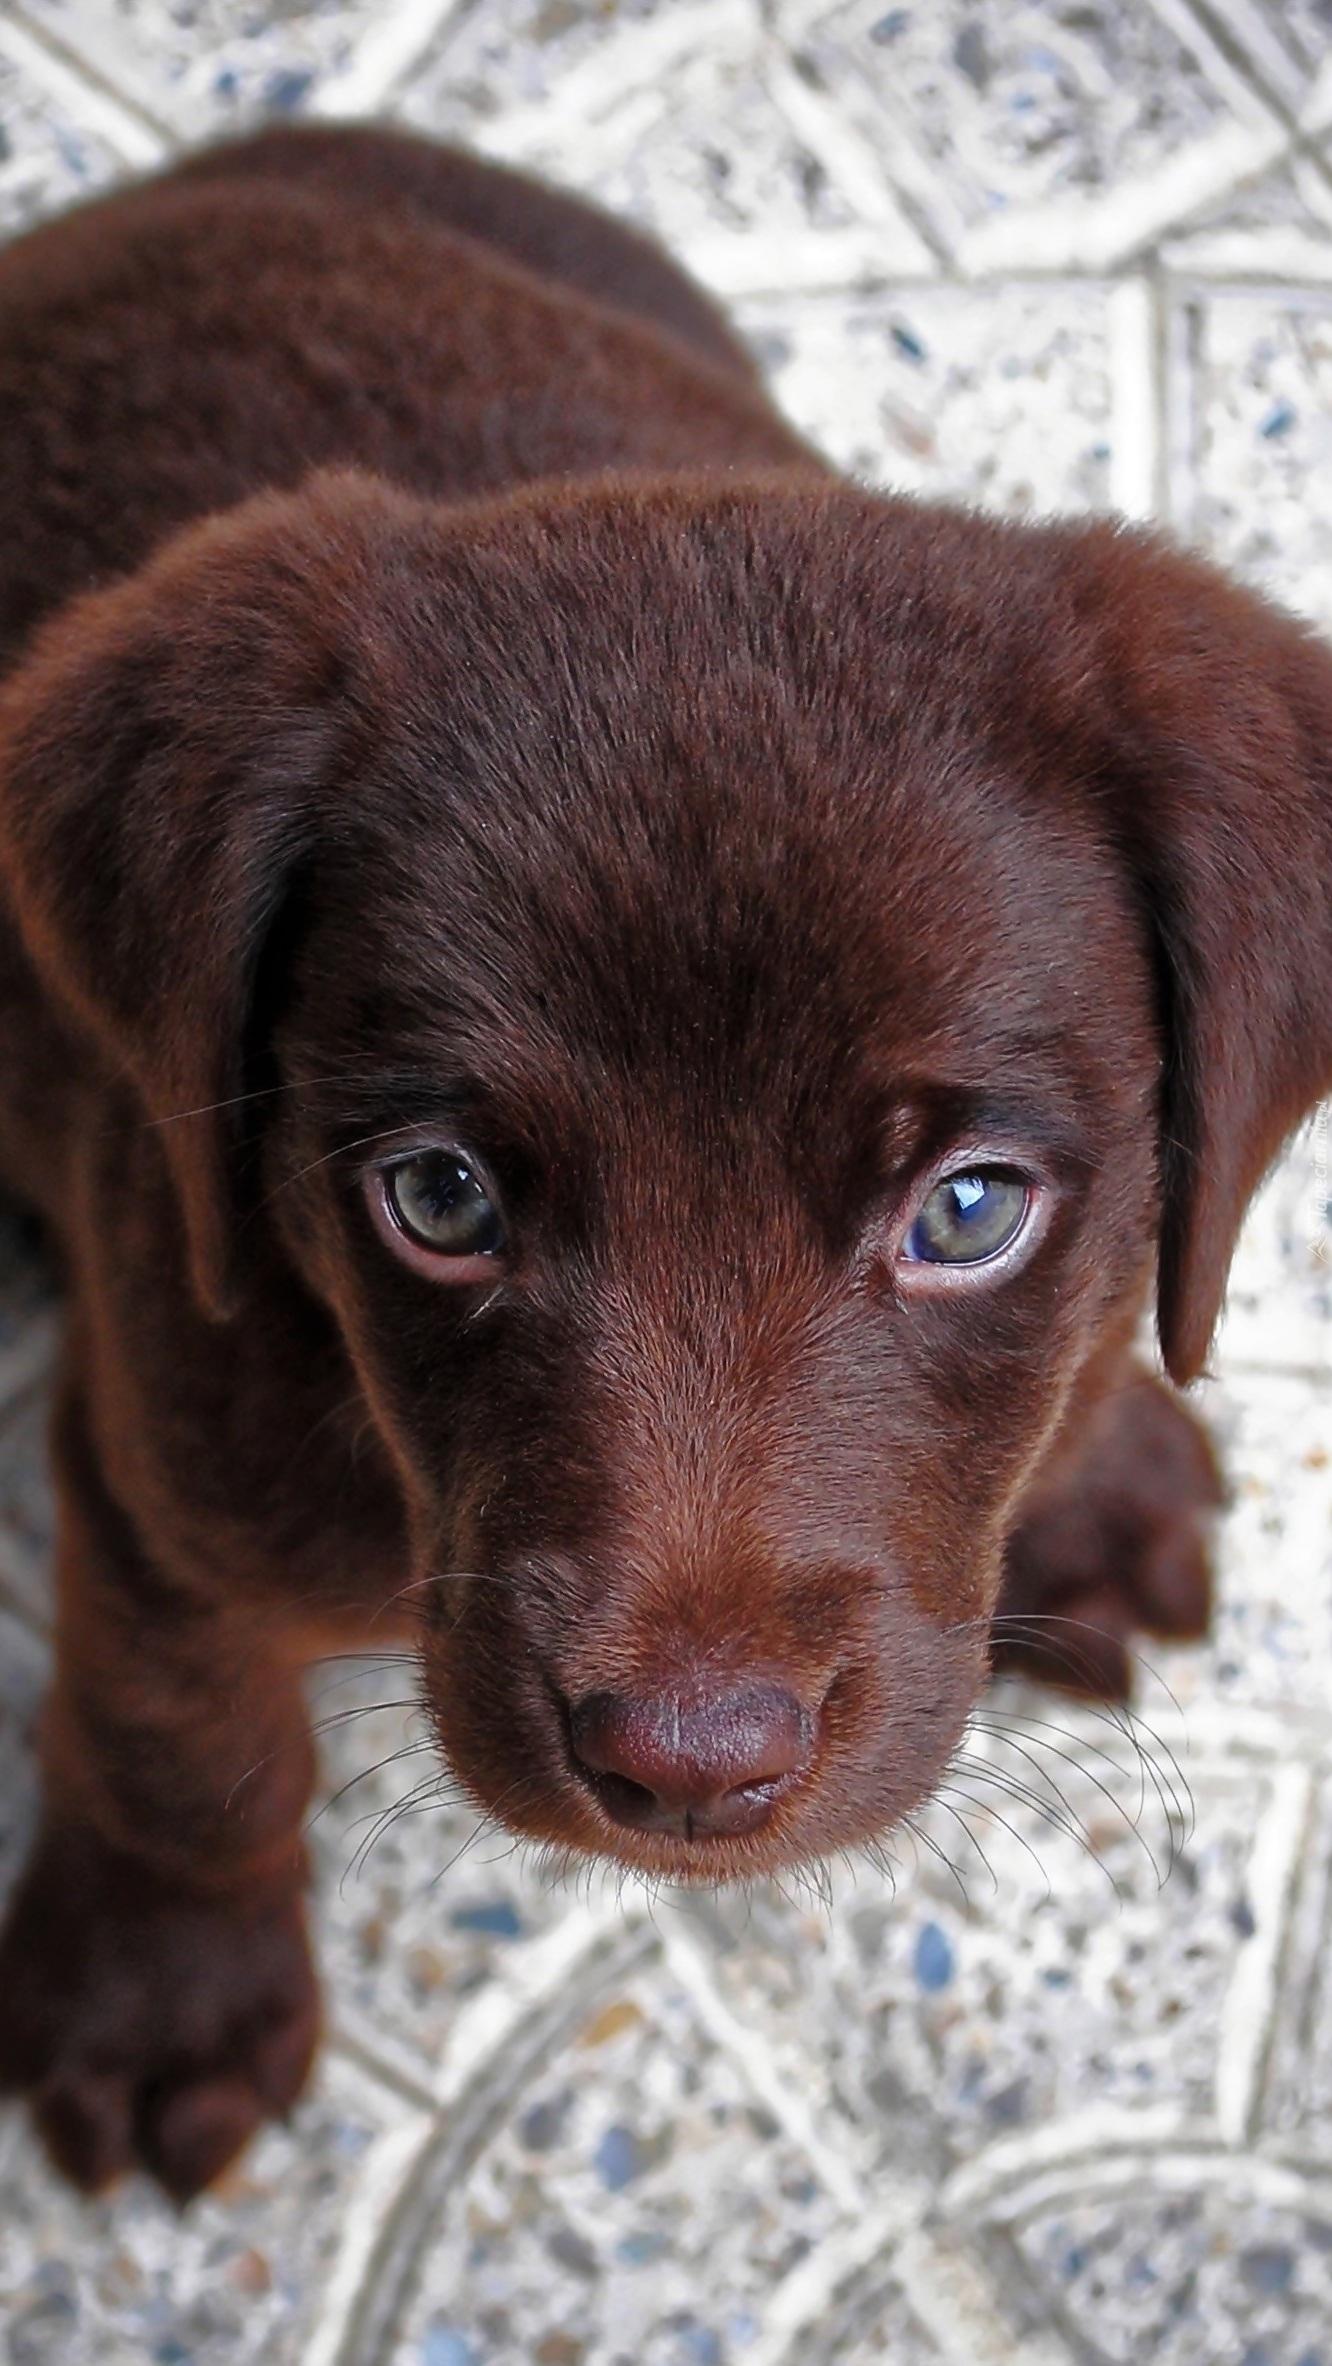 Brązowy szczeniak o smutnych oczach